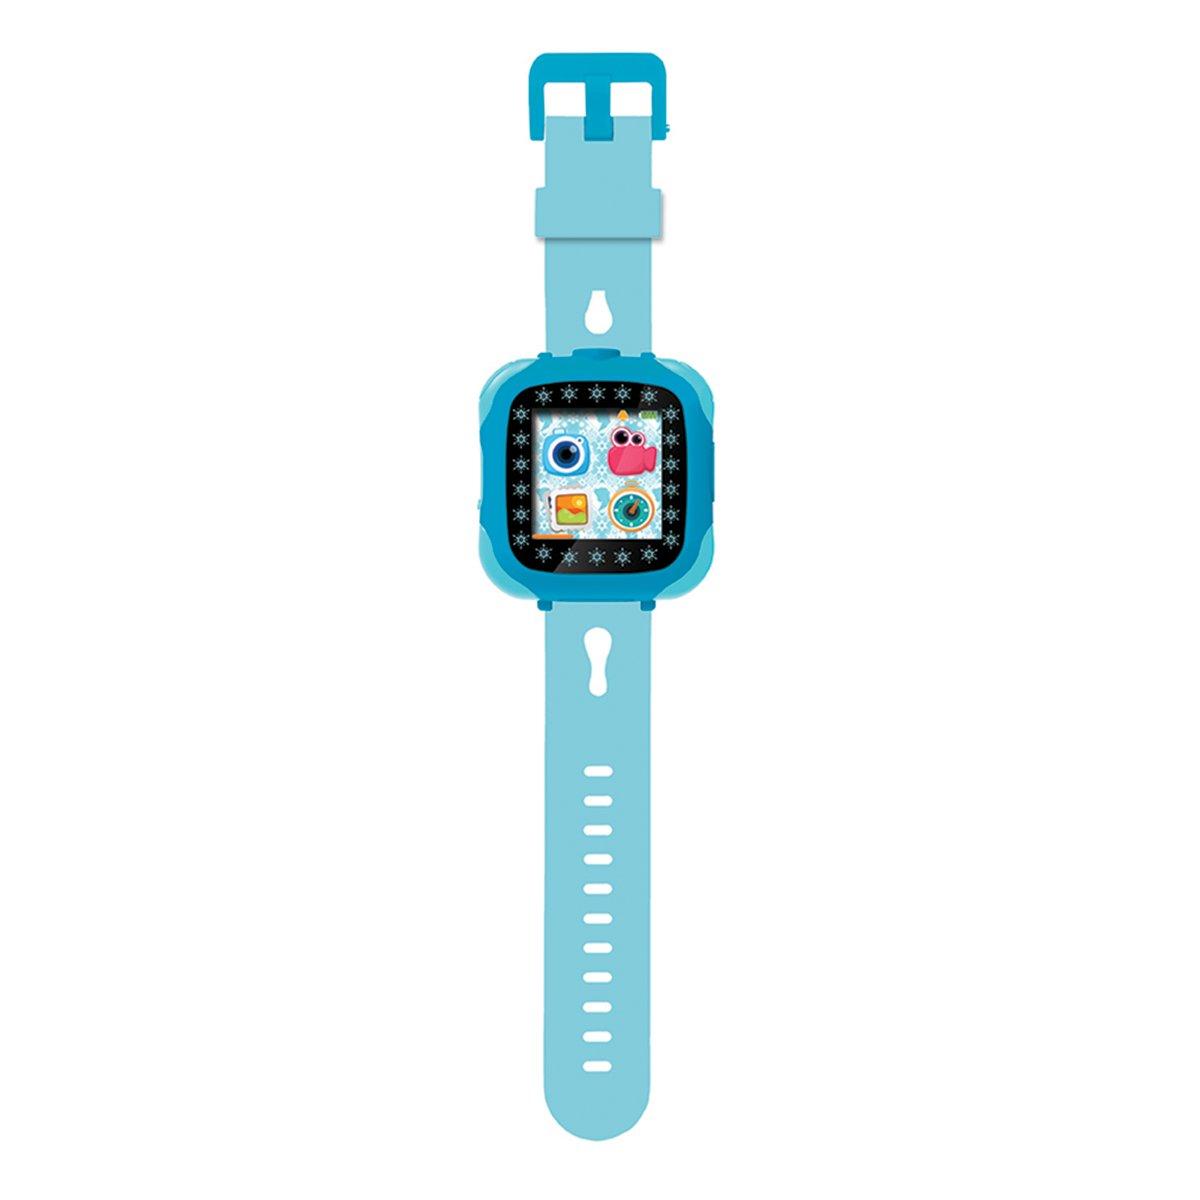 Smartwatch cu touch screen, camera, mini jocuri, Disney Frozen 2